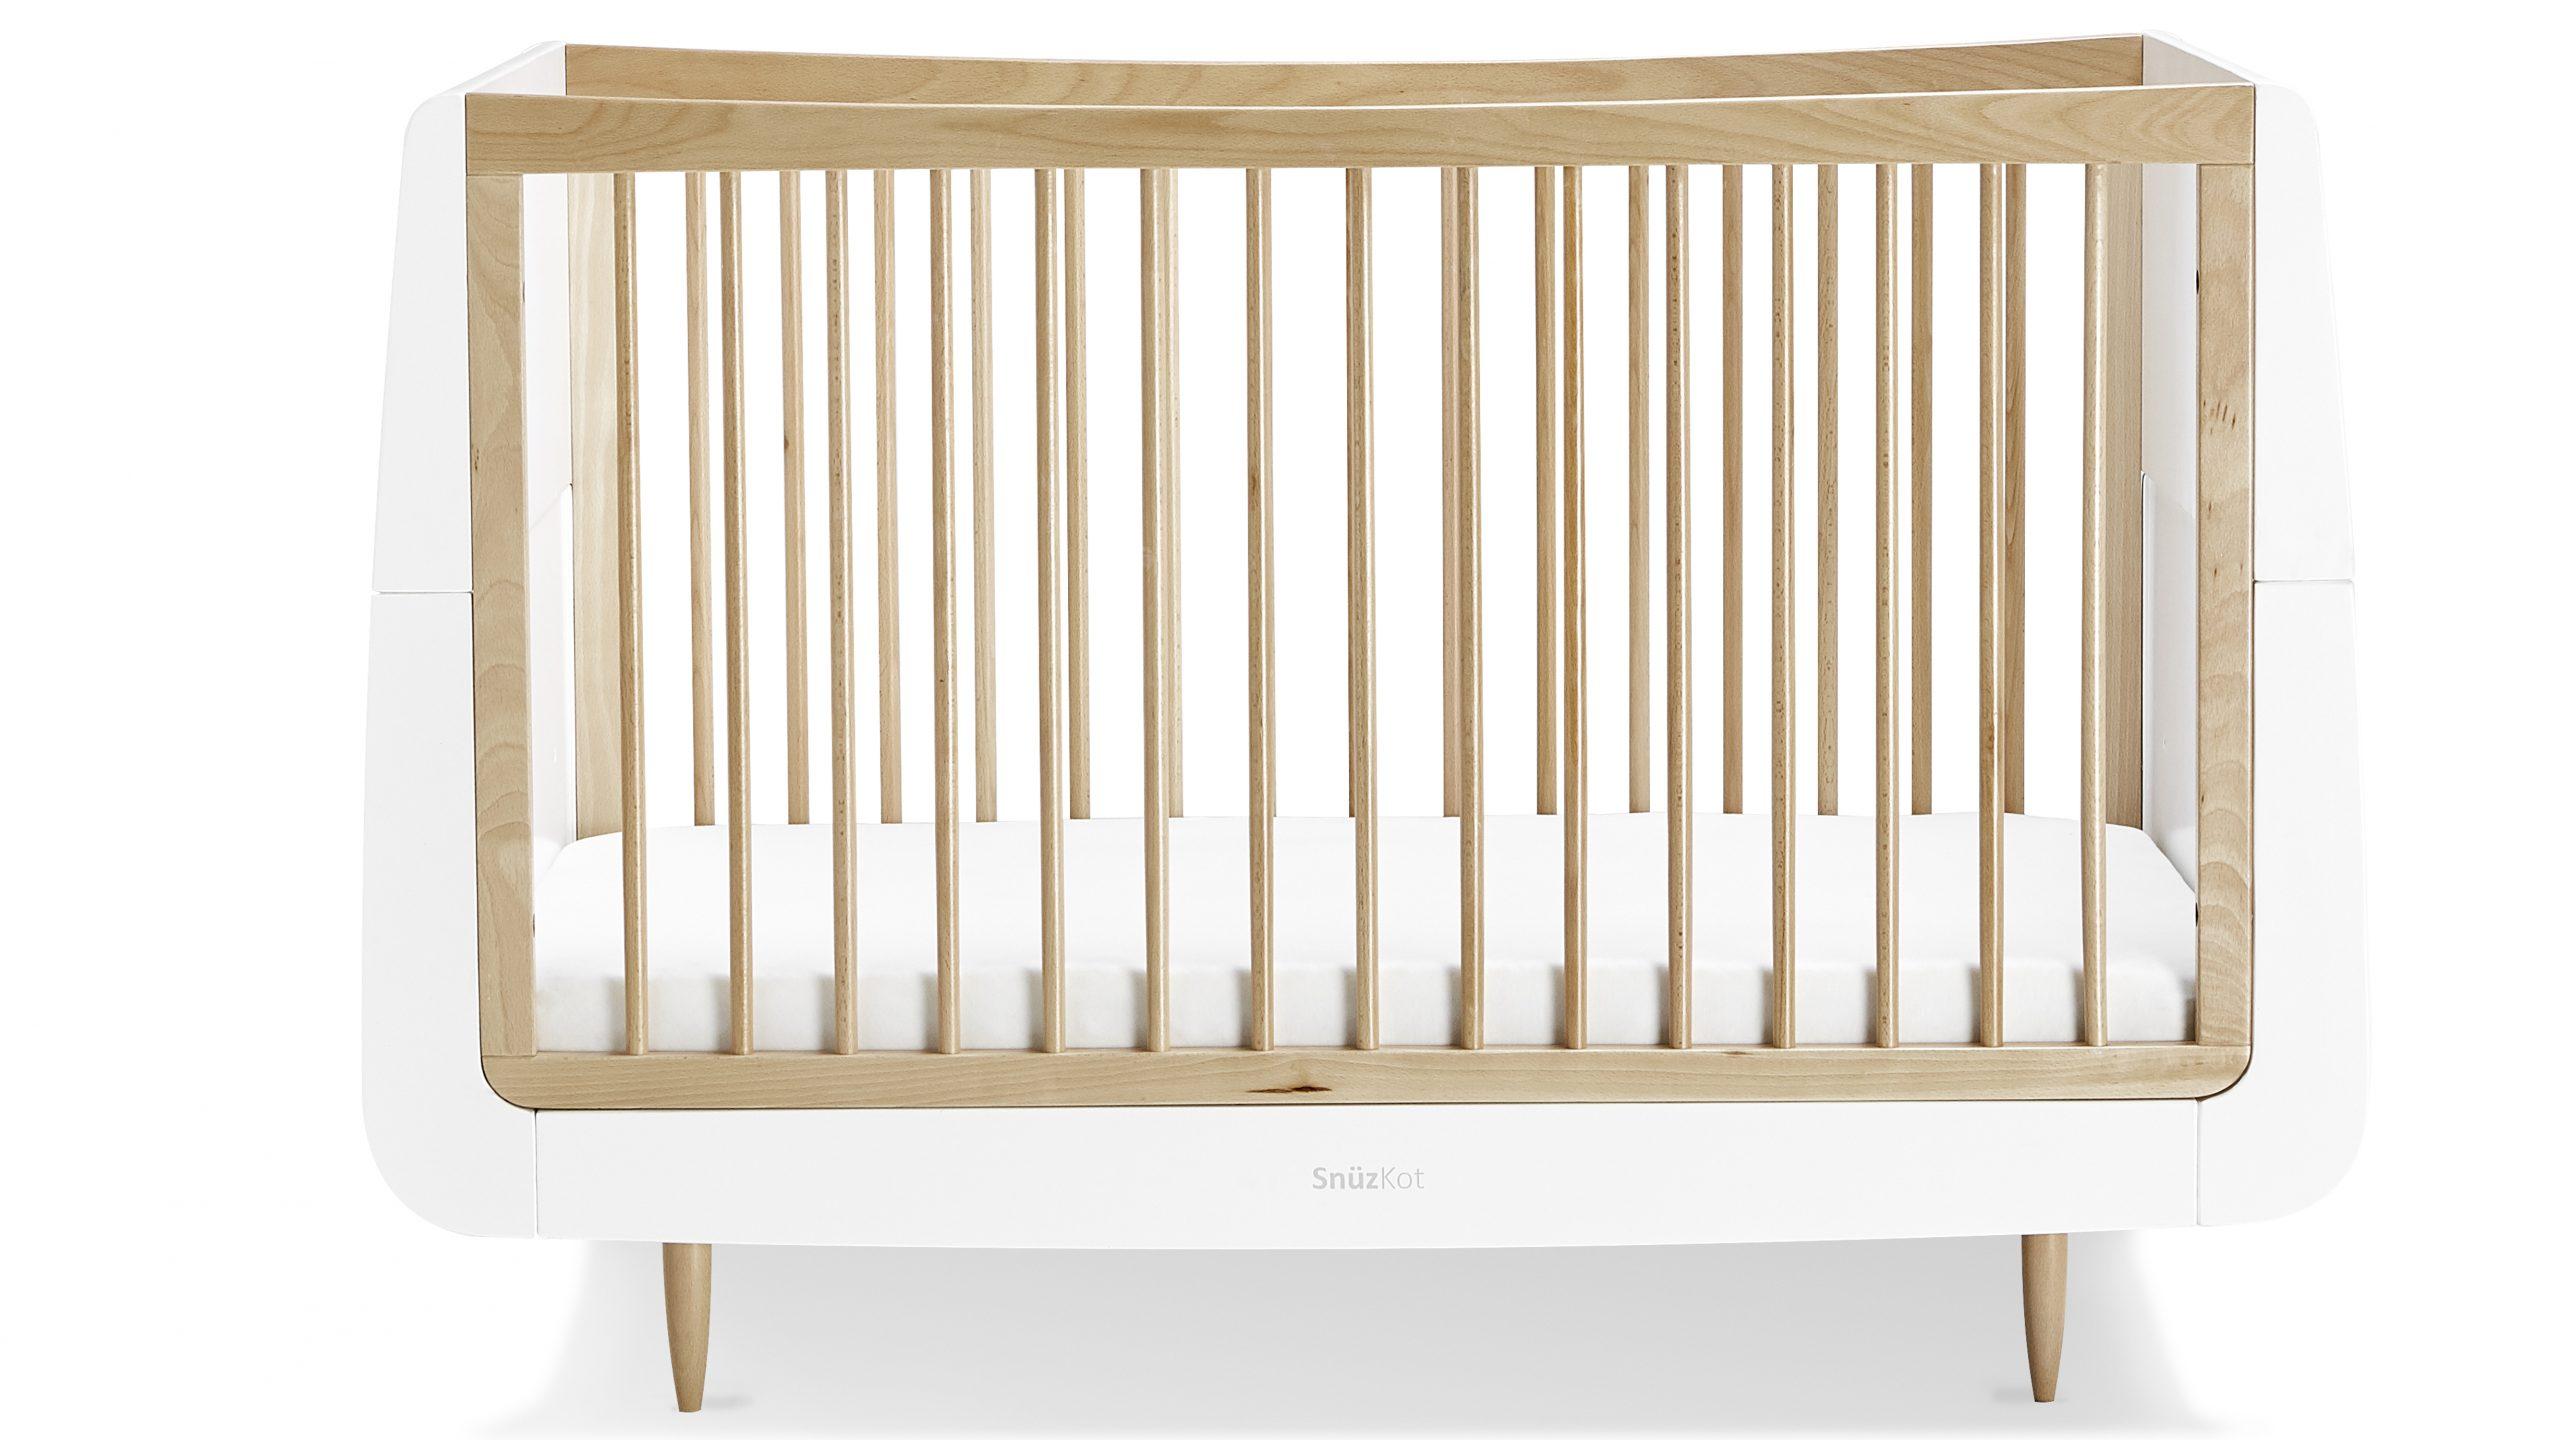 Le lit de bébé SnüzKot Skandi est notre choix parmi les meilleurs lits de bébé.